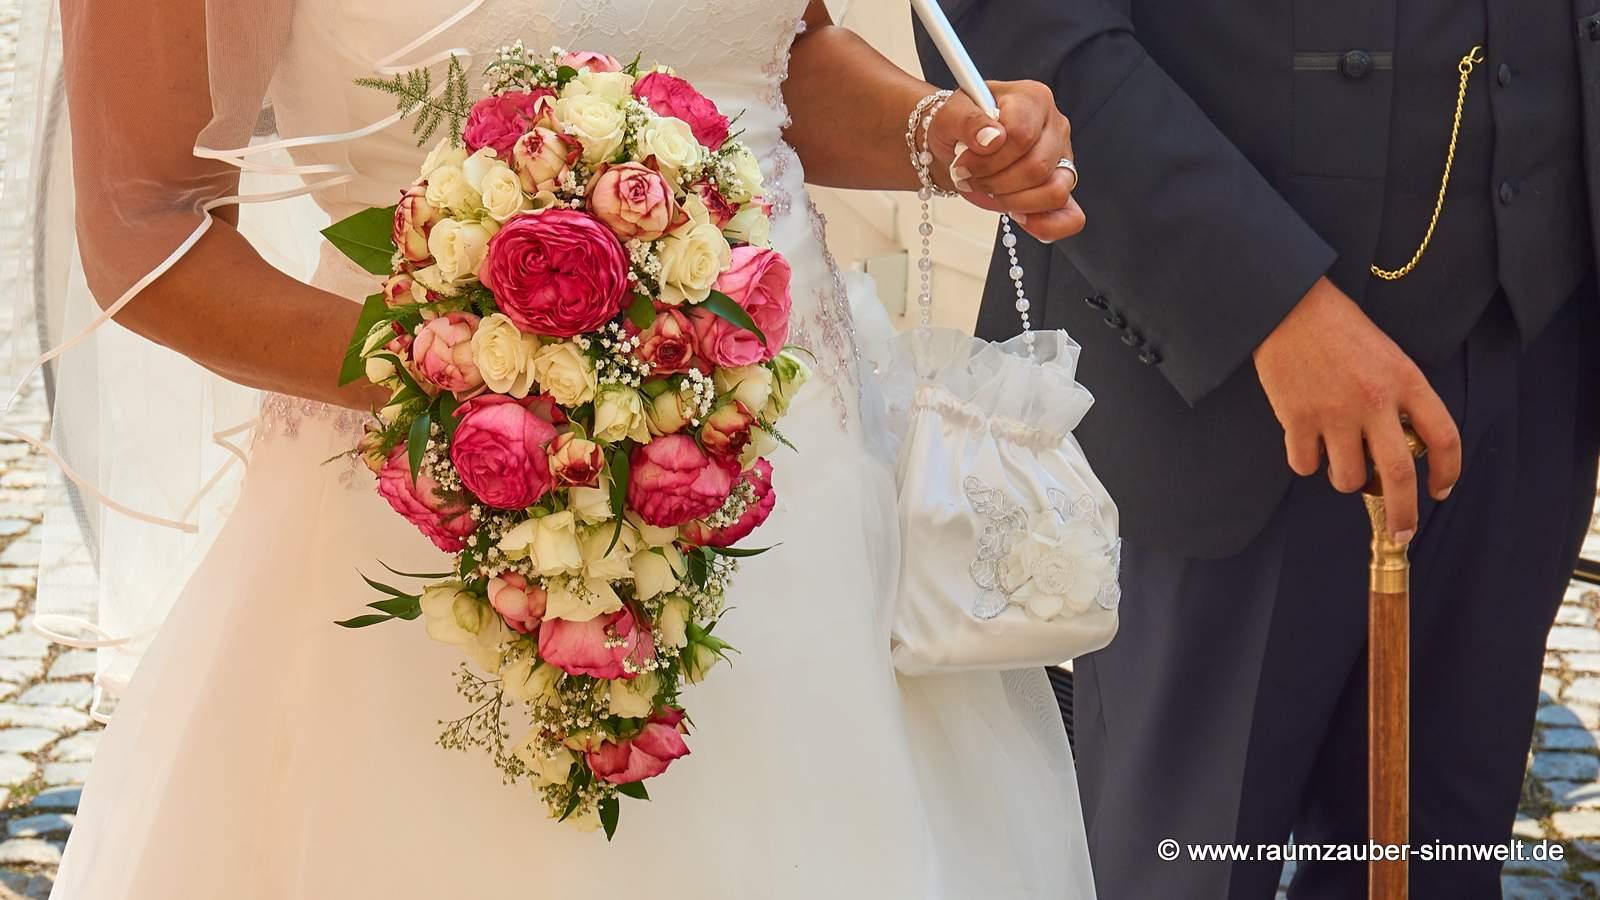 Brautstrauß mit Rosen